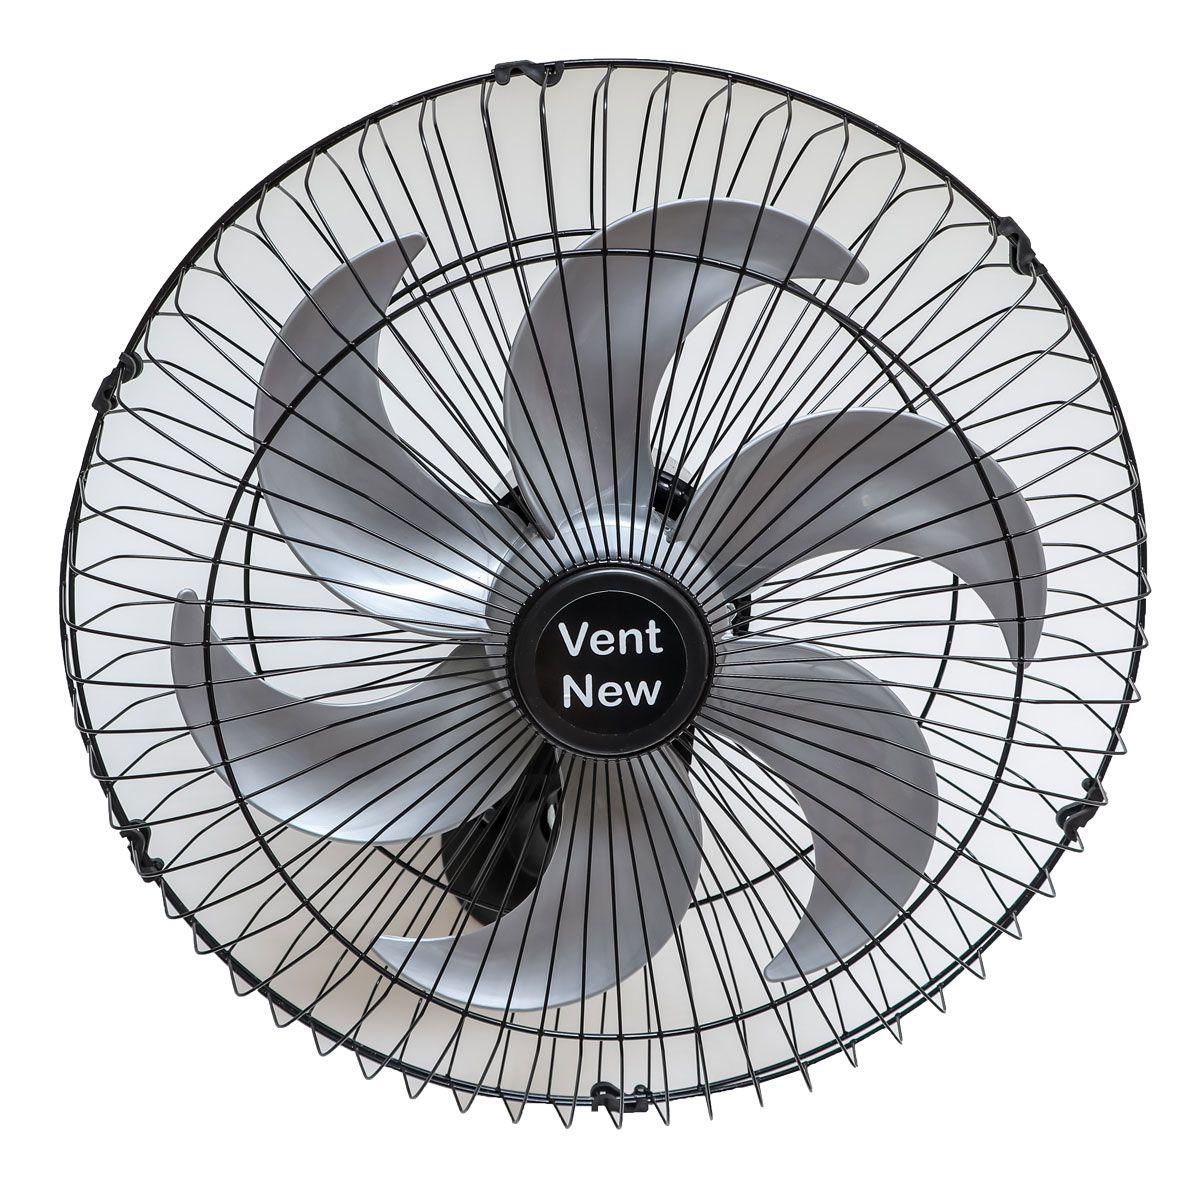 Kit 2 Ventiladores Parede Oscilante 50 Cm Preto / Prata Bivolt Grade Aço